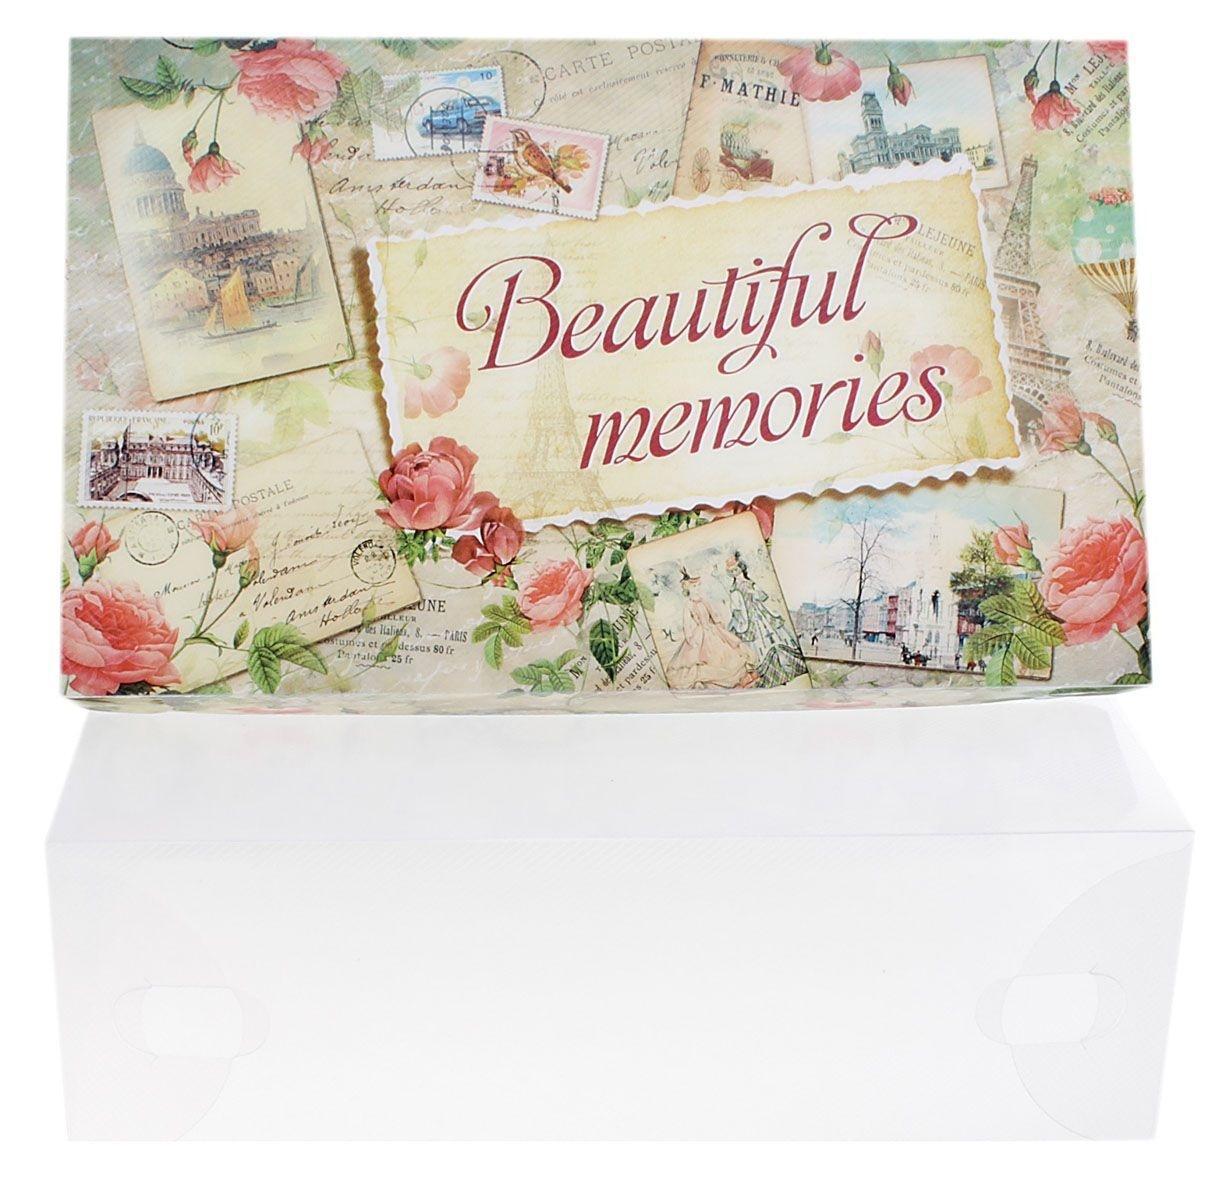 Коробка для хранения Sima-land Beautiful Memories, сборная, 30 см х 18,5 см х 9,5 смRG-D31SКоробка для хранения Sima-land Beautiful Memories изготовлена из высококачественного прозрачного пластика. Она поможет аккуратно хранить различные вещи, мелкие аксессуары и т.д. Коробка имеет пластиковую крышку, которая украшена изображениями марок и надписью Beautiful Memories. Изделие легко собирается и не занимает много места. Коробка для хранения - идеальное решение для аккуратного хранения ваших вещей и аксессуаров.